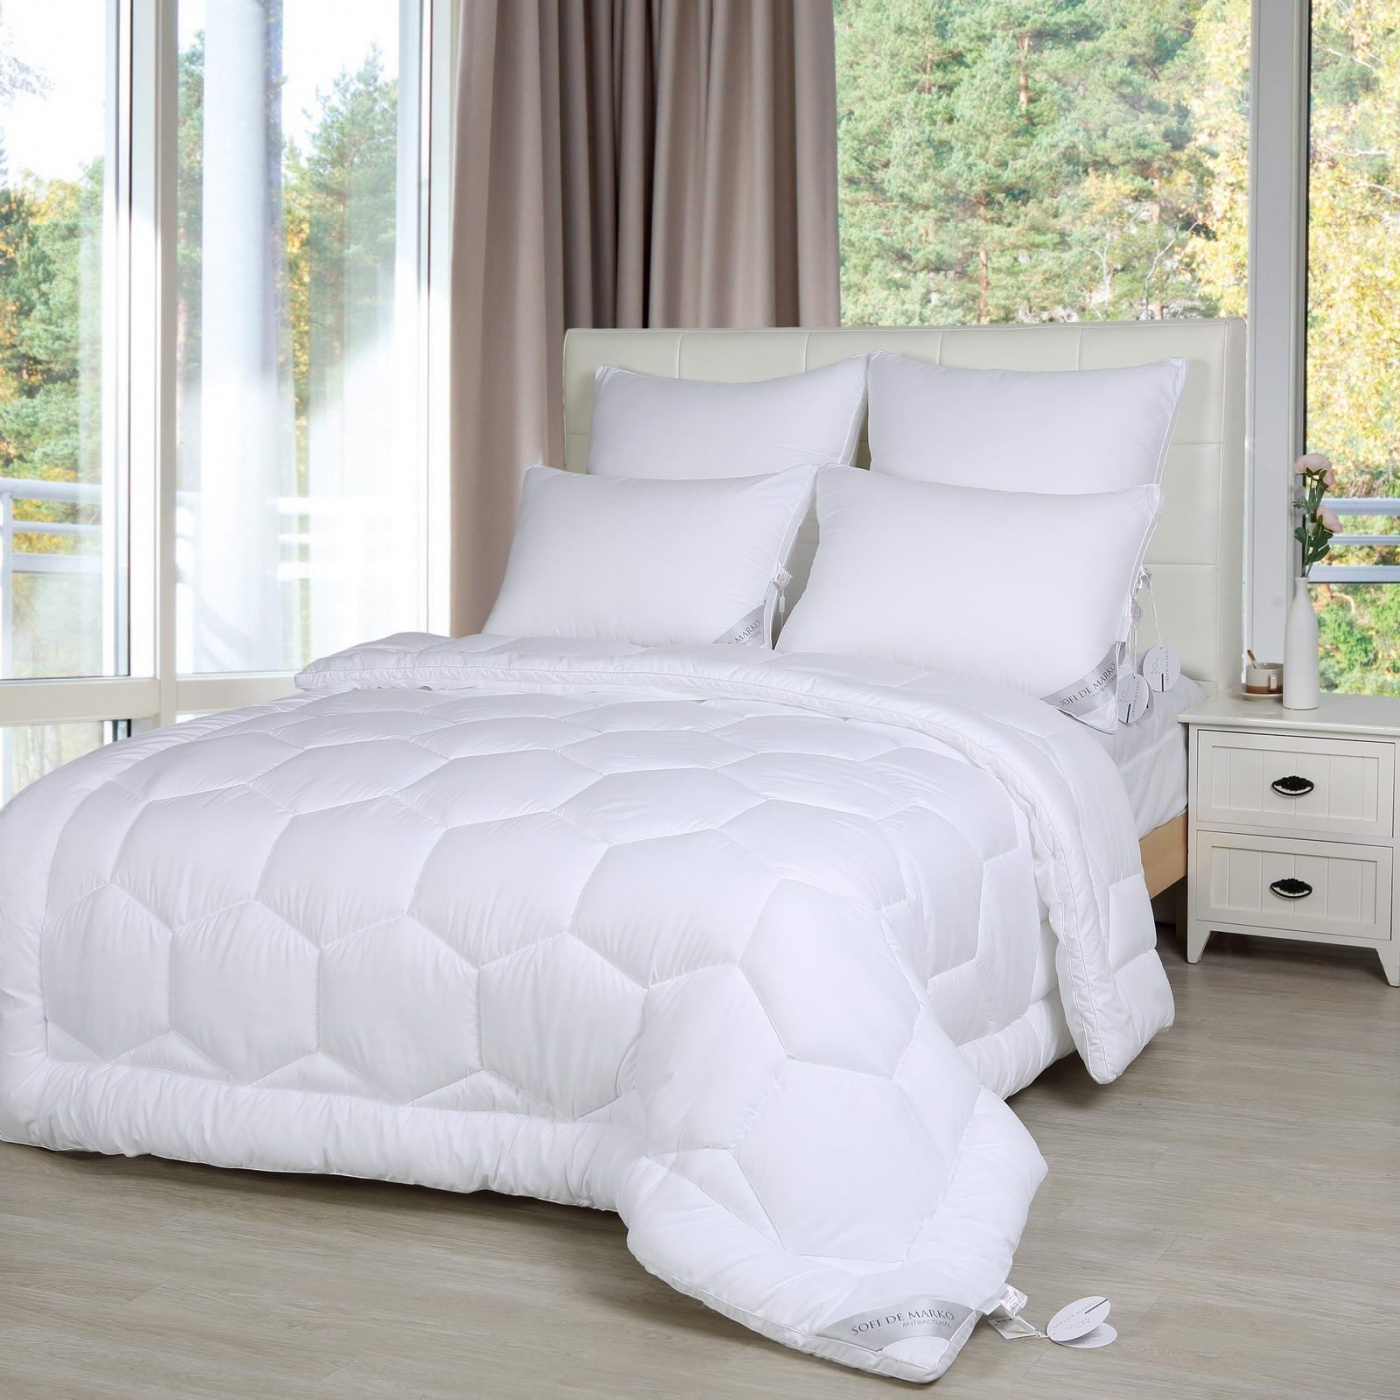 Одеяло Antibacterial цвет: белый (195х215 см)